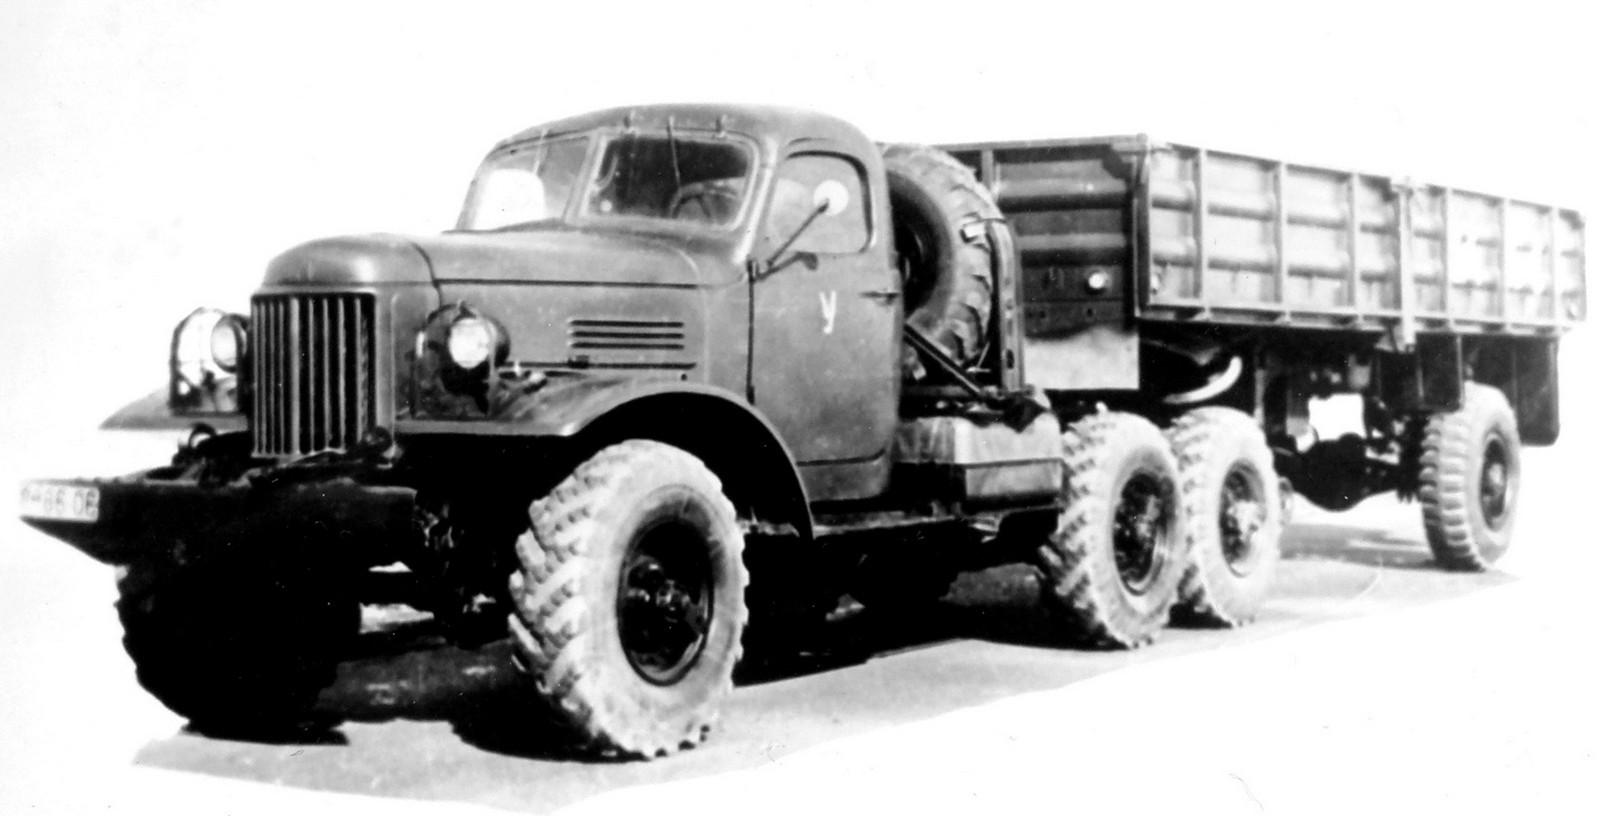 Специальный тягач ЗИЛ-157В с гидроприводом колес полуприцепа ММЗ-584 (из архива НИИЦ АТ)